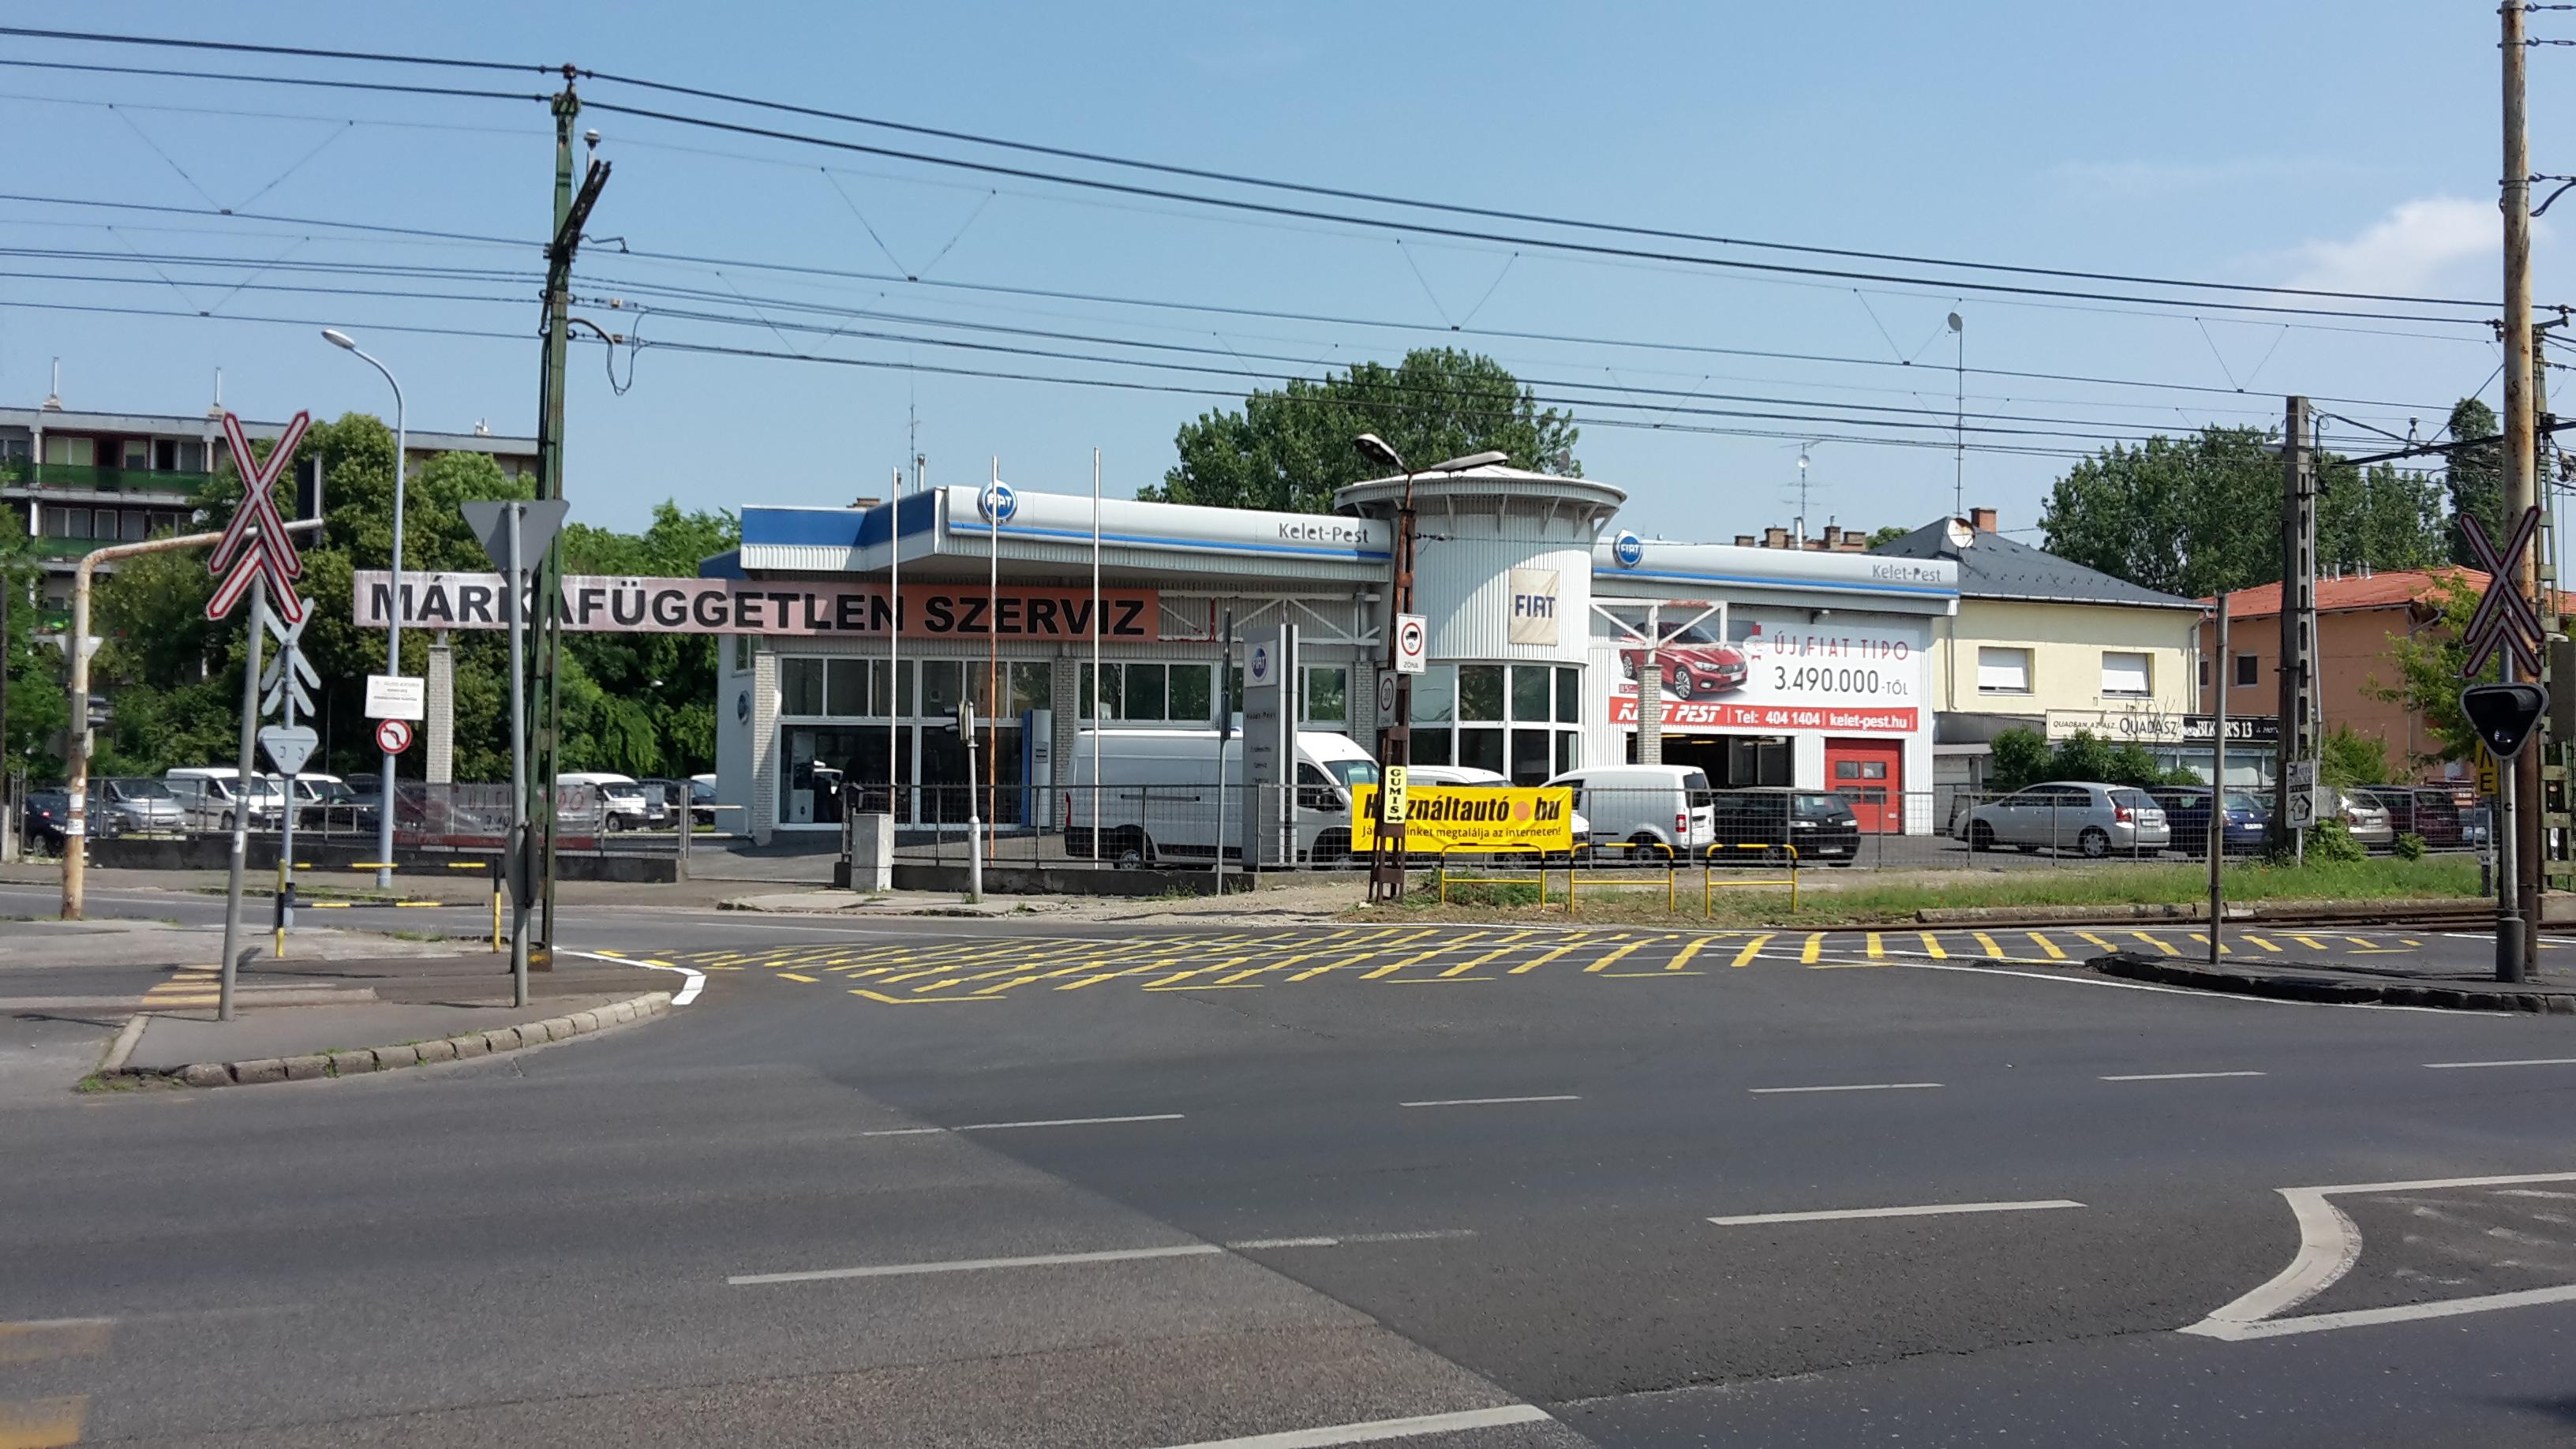 keleti bergevid kereskedés)